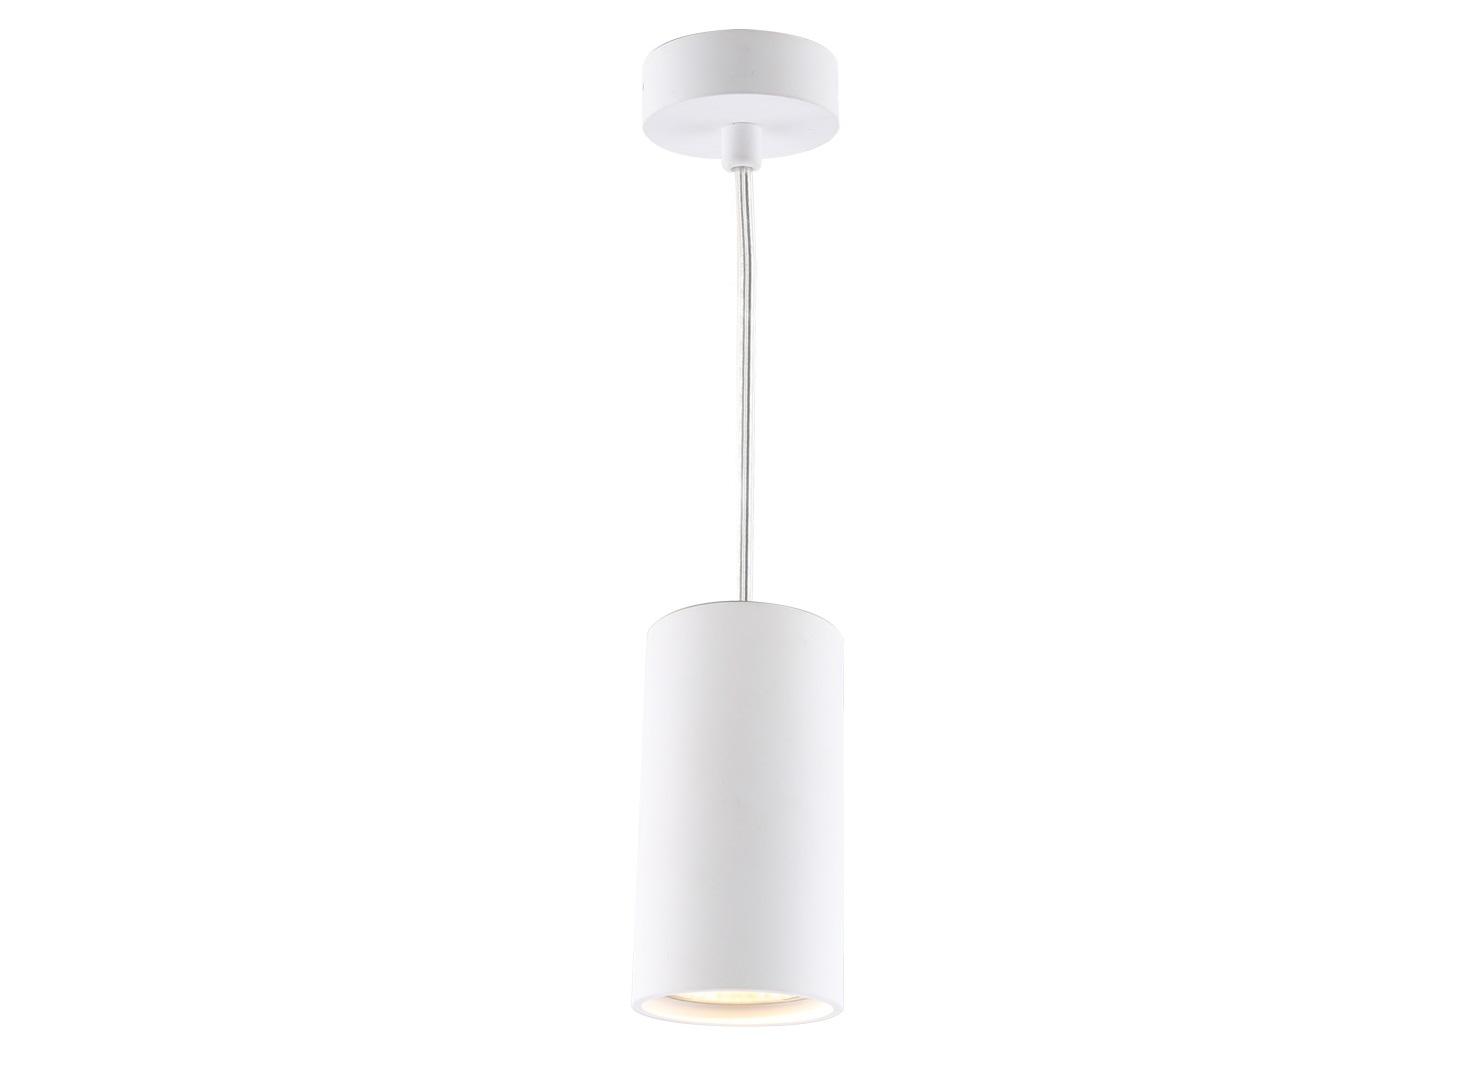 Потолочный светильникПодвесные светильники<br>&amp;lt;div&amp;gt;Вид цоколя: GU10&amp;lt;/div&amp;gt;&amp;lt;div&amp;gt;Мощность: 50W&amp;lt;/div&amp;gt;&amp;lt;div&amp;gt;Количество ламп: 1&amp;lt;/div&amp;gt;<br><br>Material: Алюминий<br>Height см: 11<br>Diameter см: 6